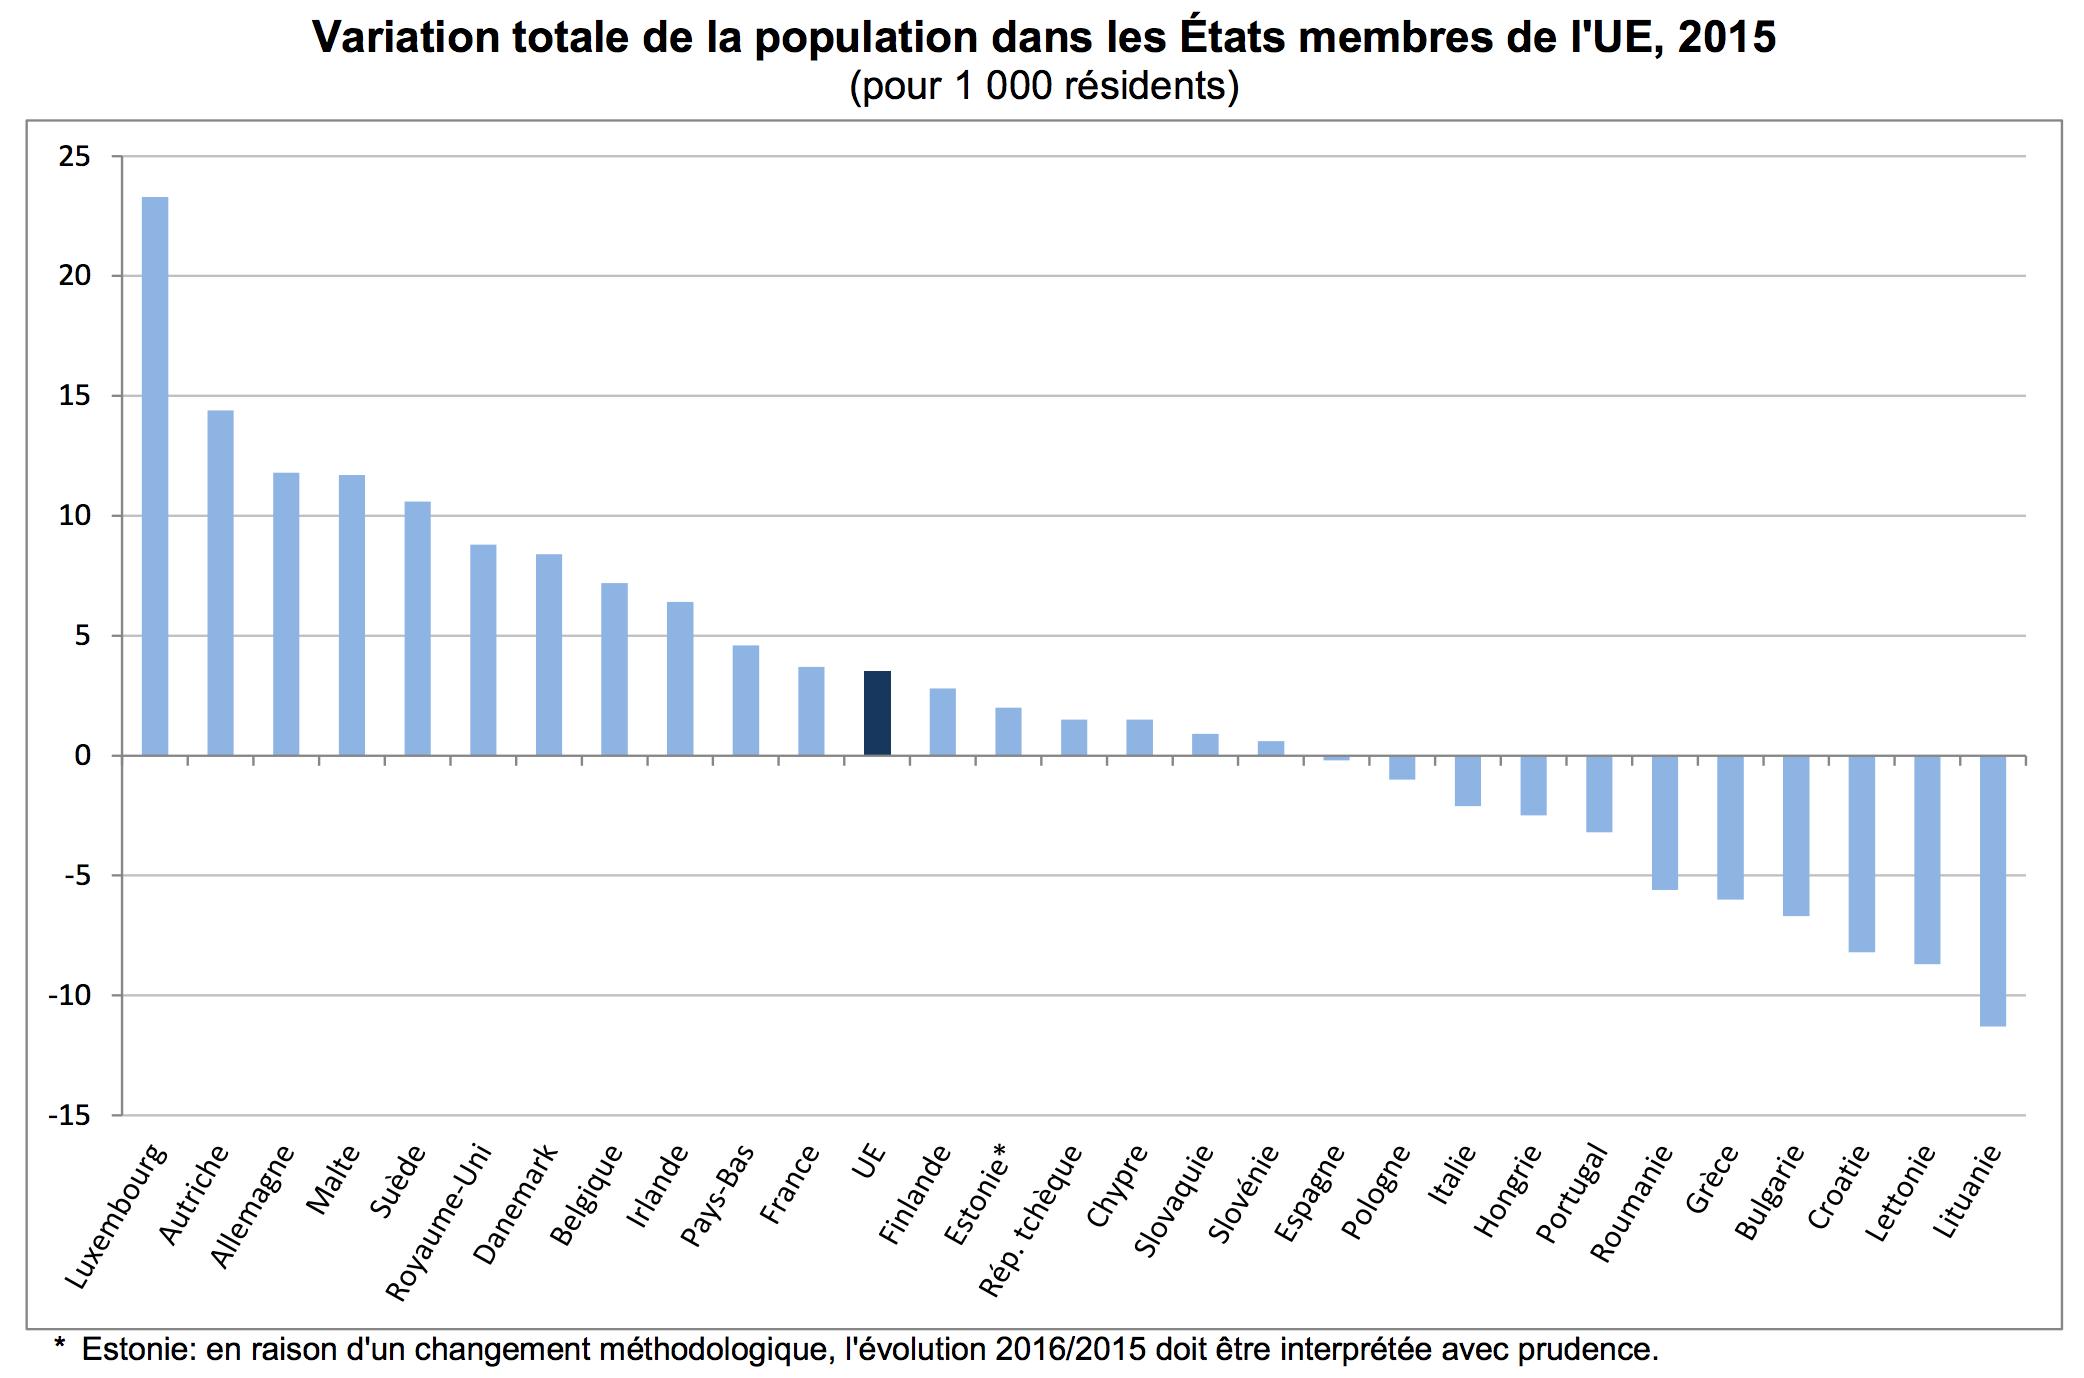 Union européenne - évolution de la population 2015